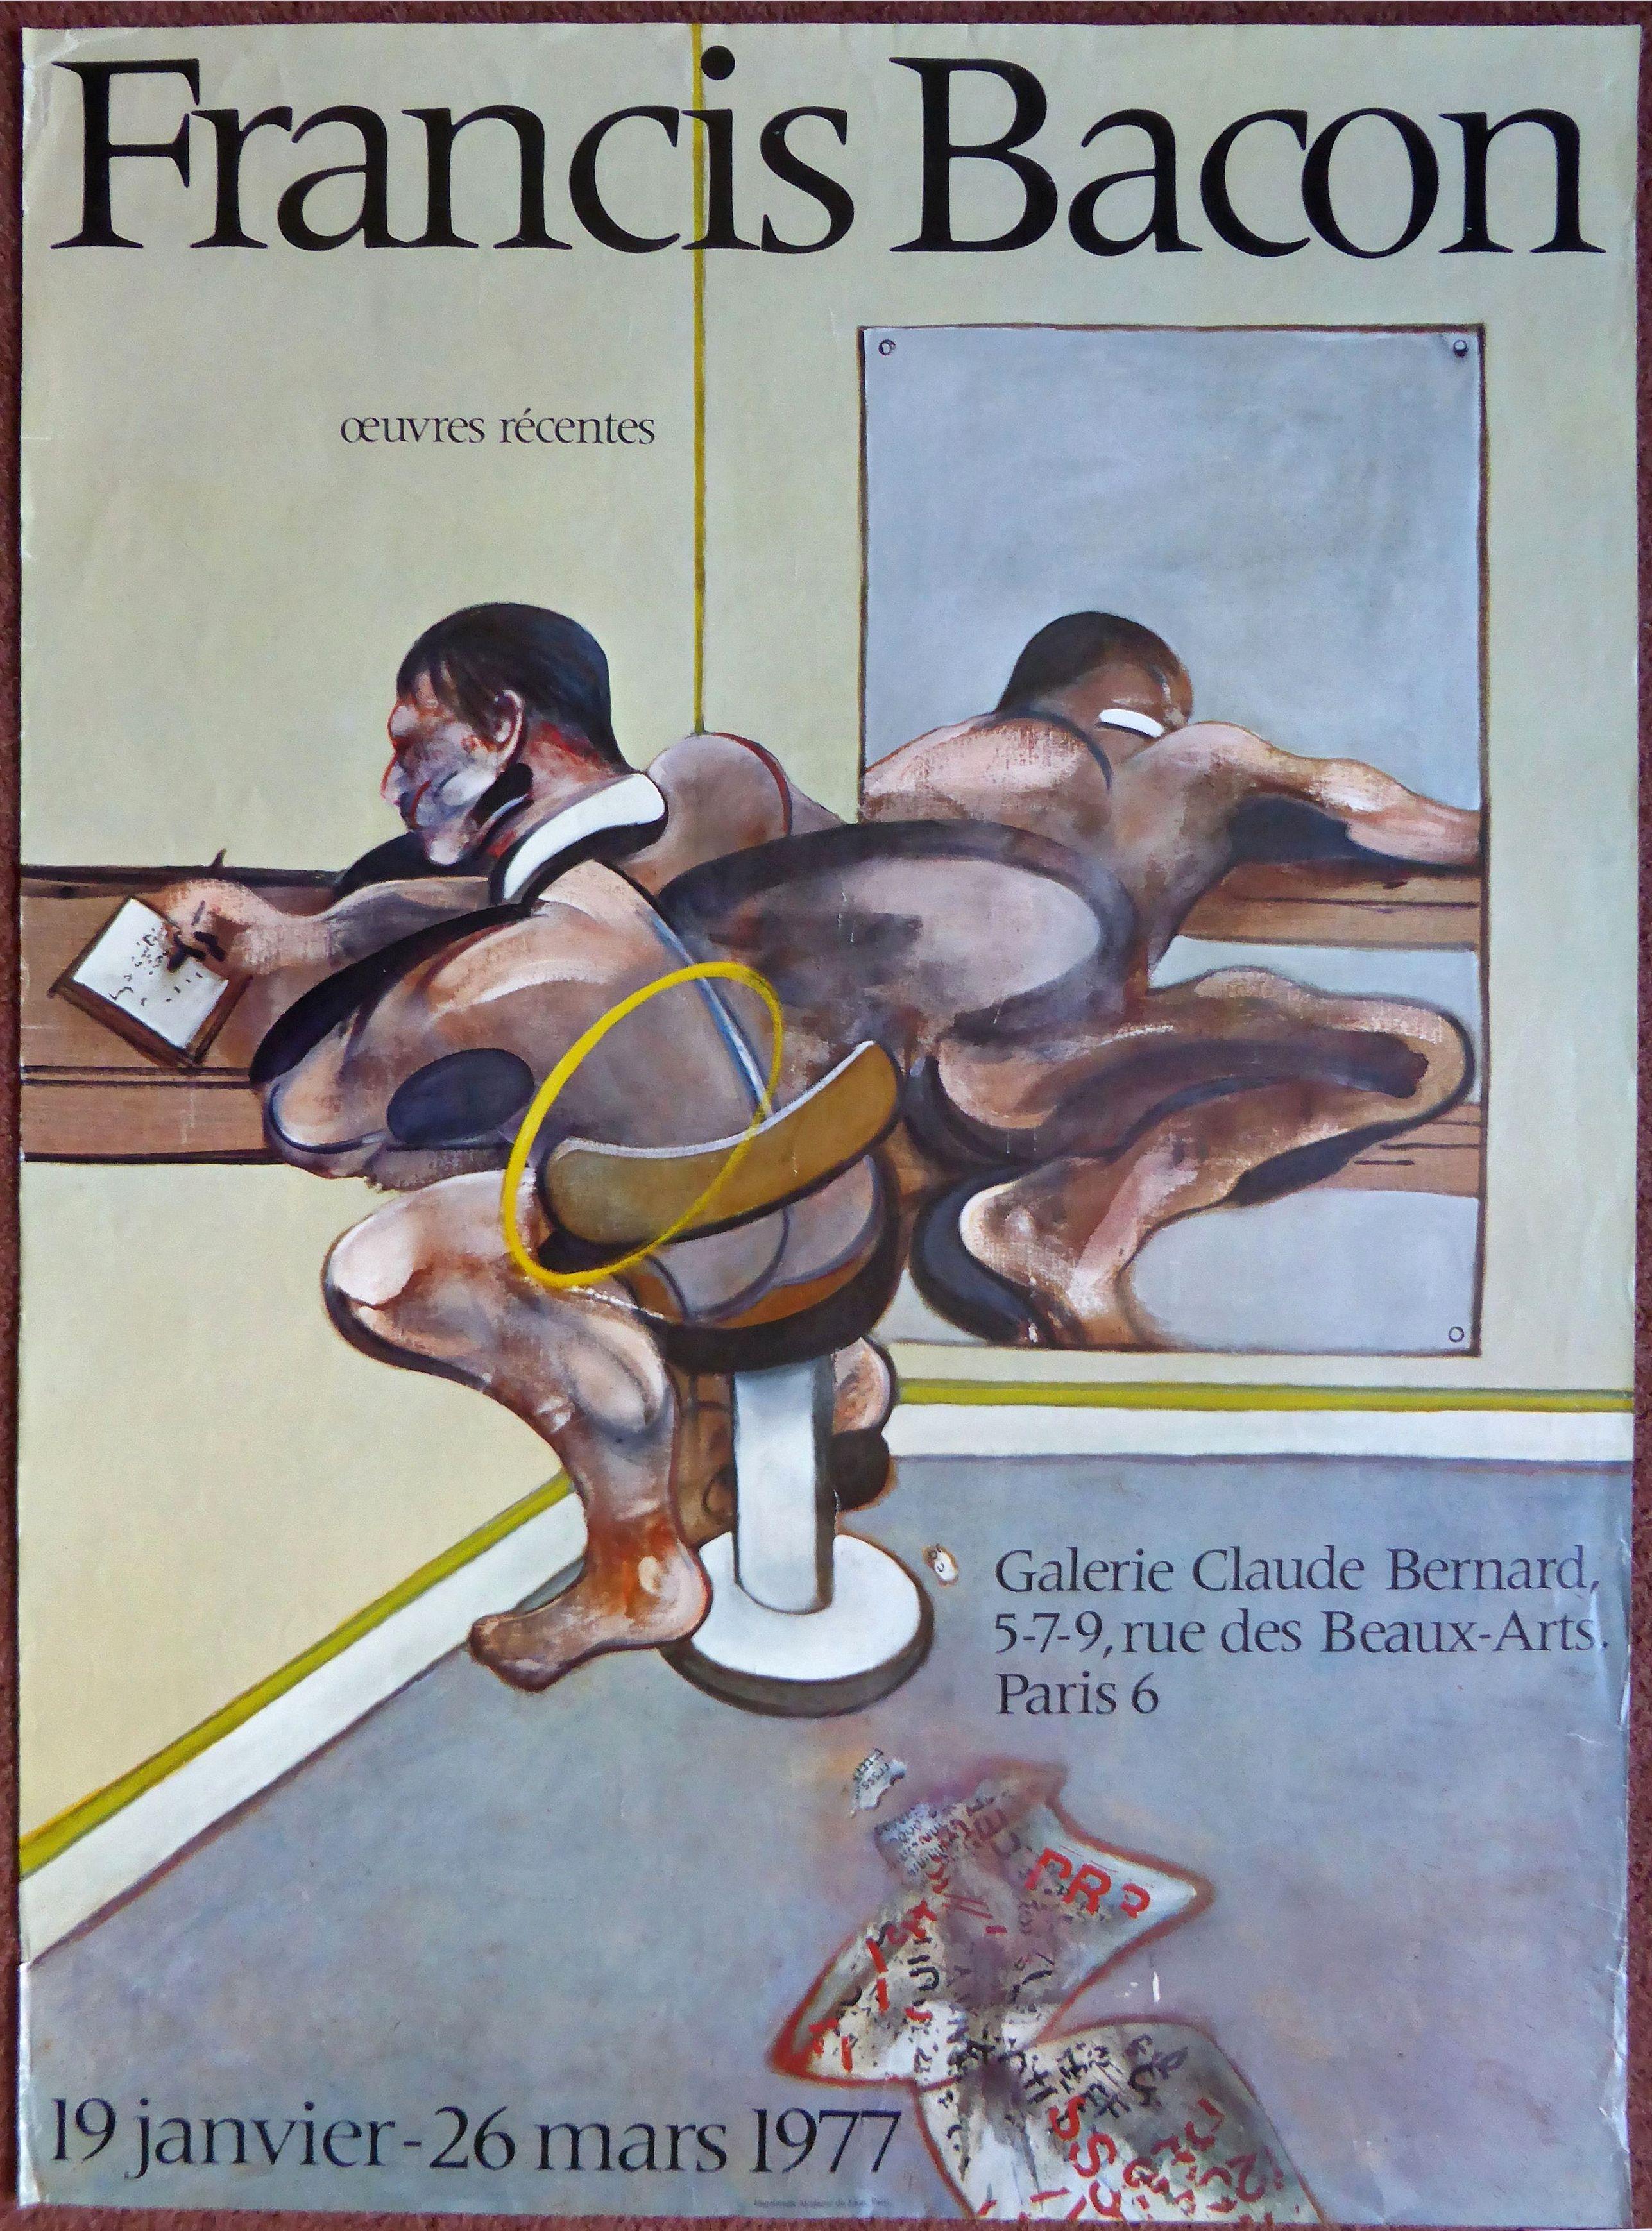 BACON, Francis.  - Francis Bacon - oeuvers recentes - Galerie Claude Bernard - Paris 19 janvier - 26 mars 1977.